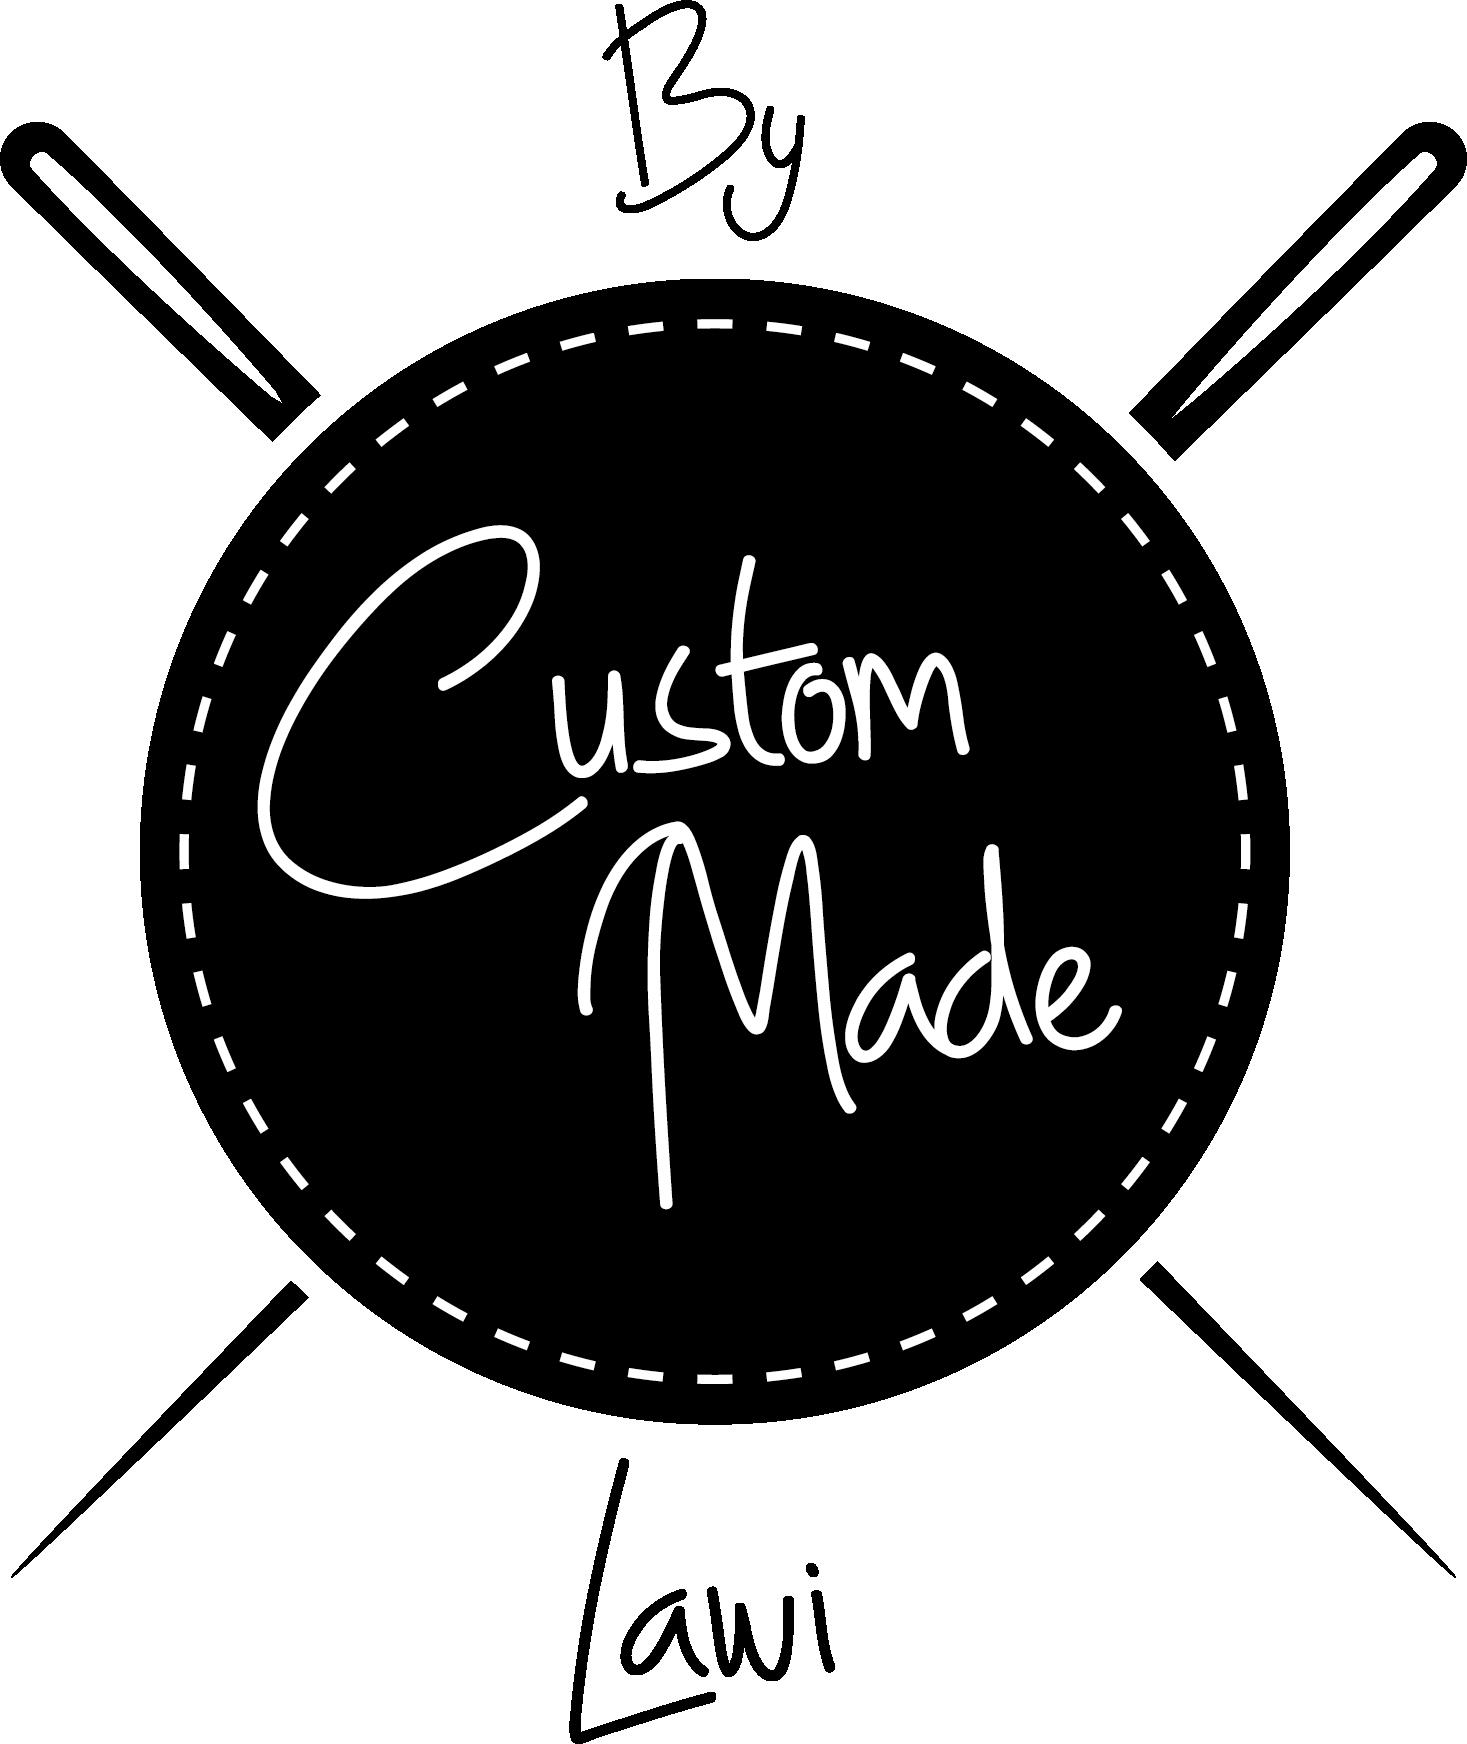 Eigene Kleidung entwerfen? ✅